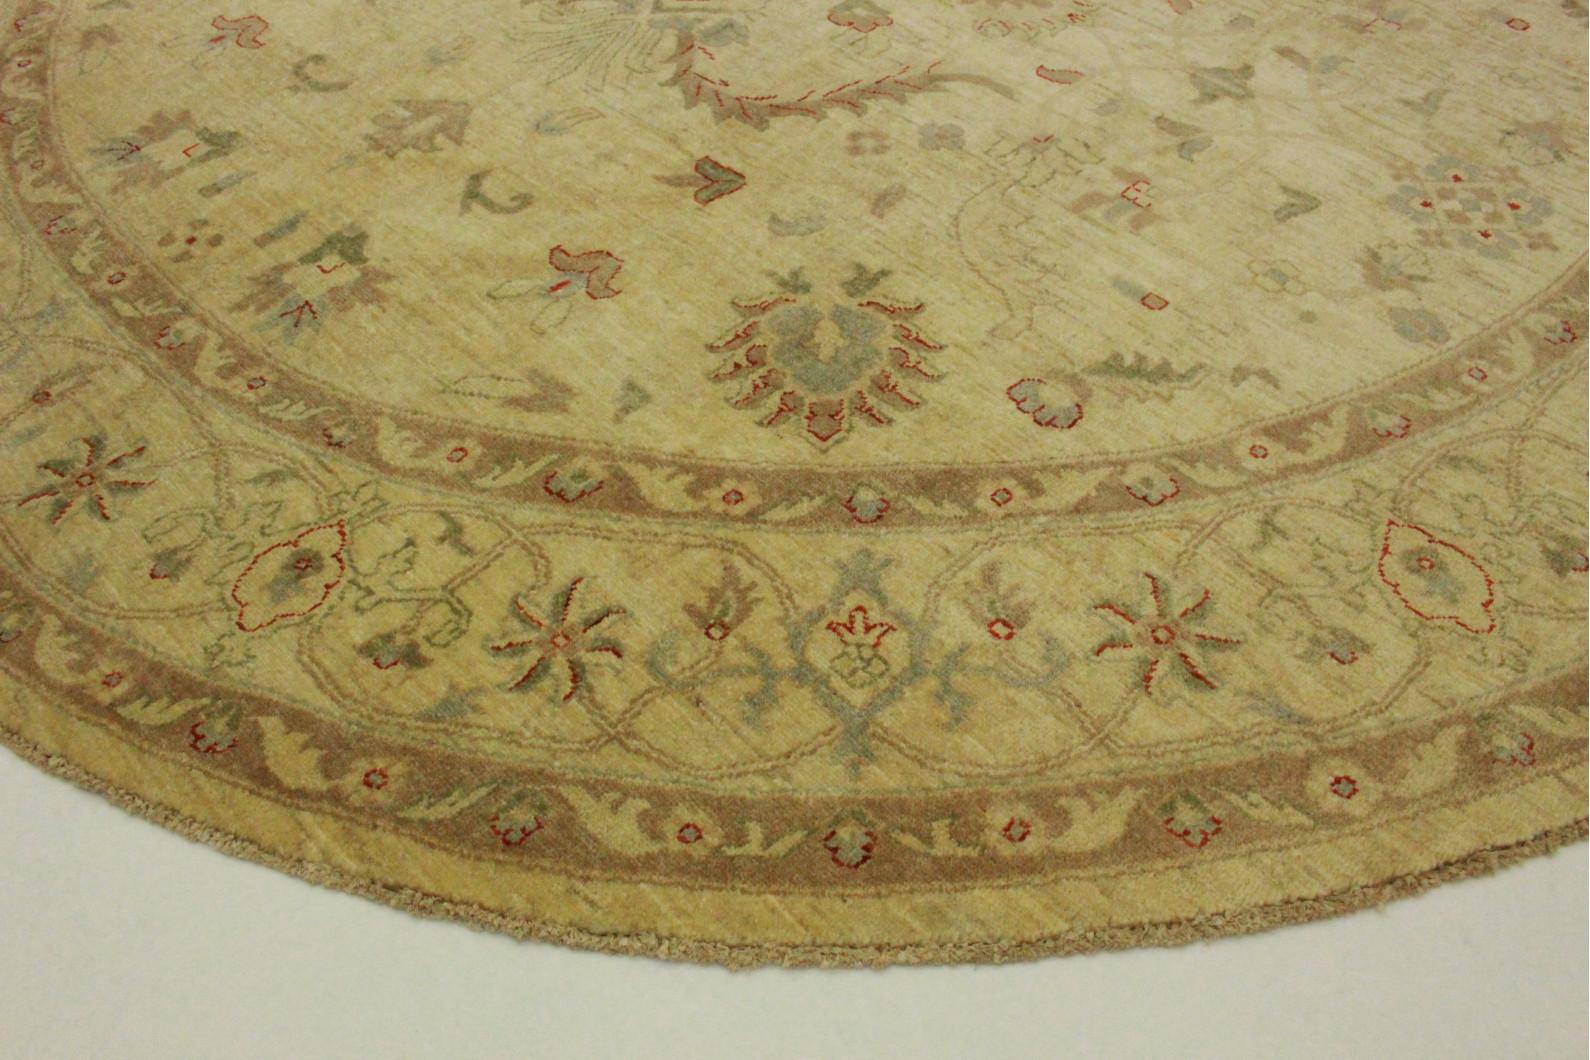 ziegler teppich rund beige in 260x260cm 5001 639 bei kaufen. Black Bedroom Furniture Sets. Home Design Ideas